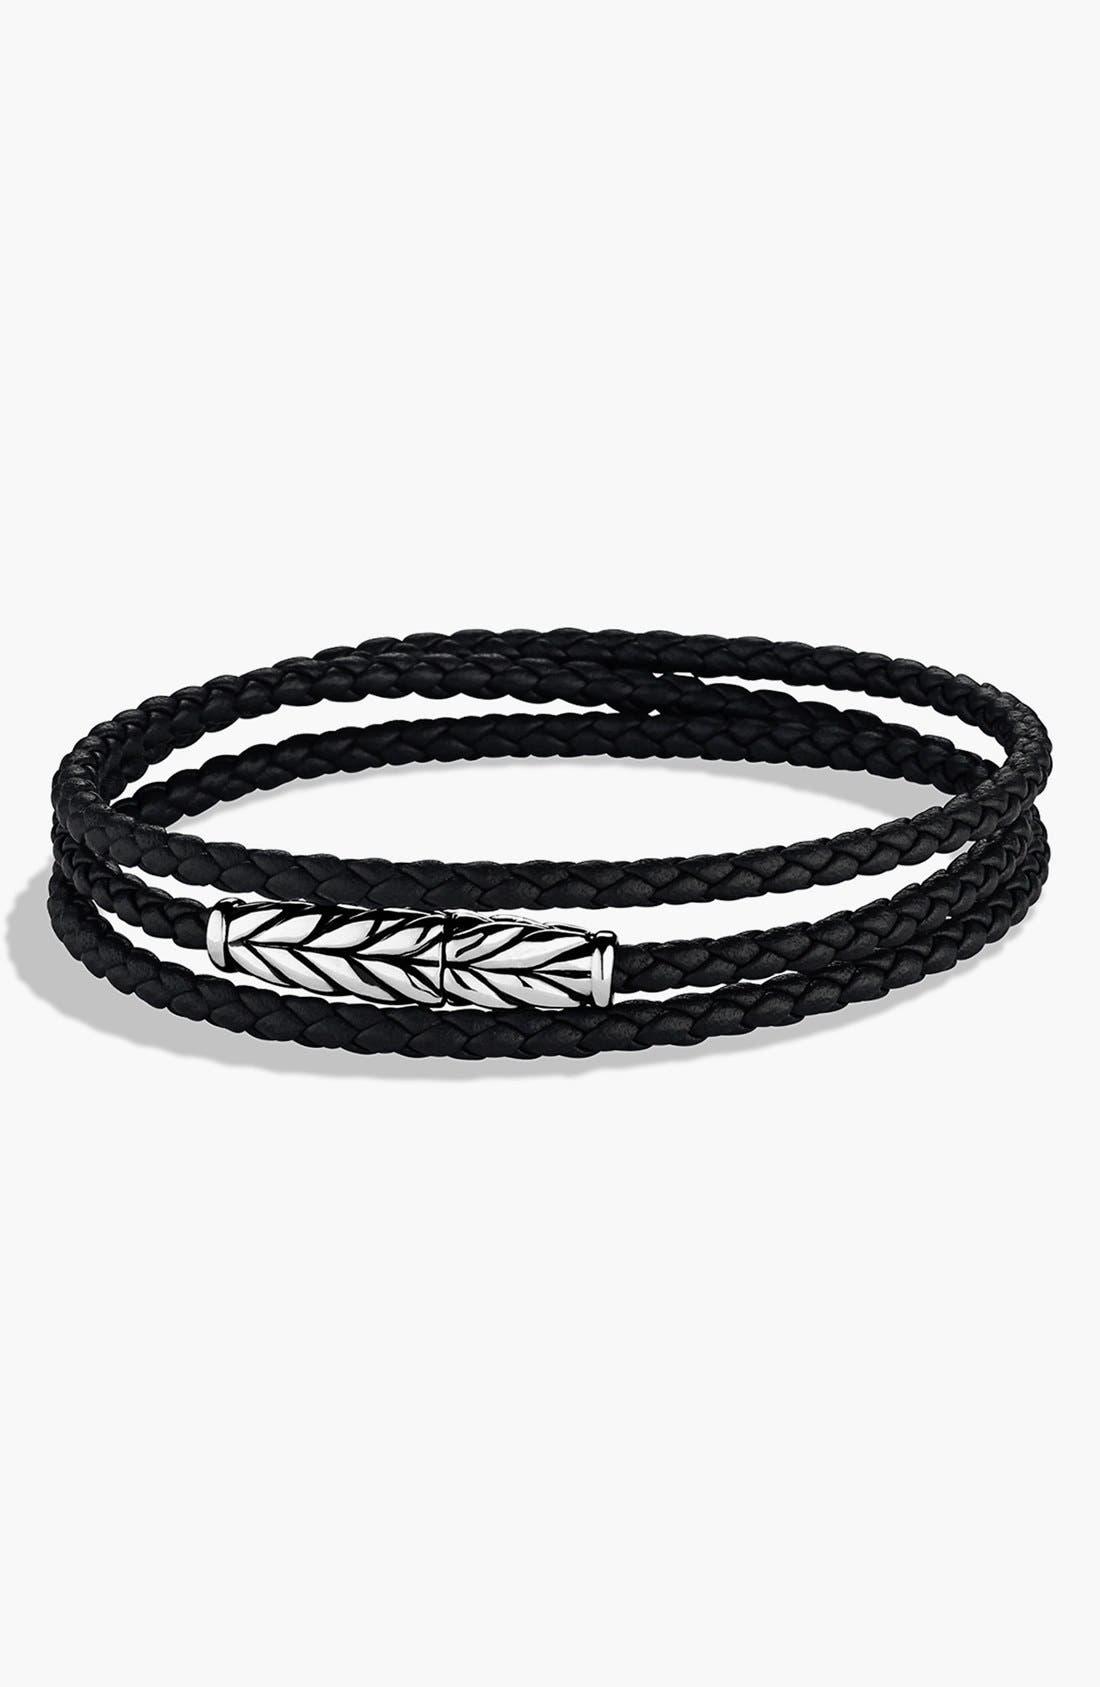 David Yurman 'Chevron' Triple-Wrap Bracelet